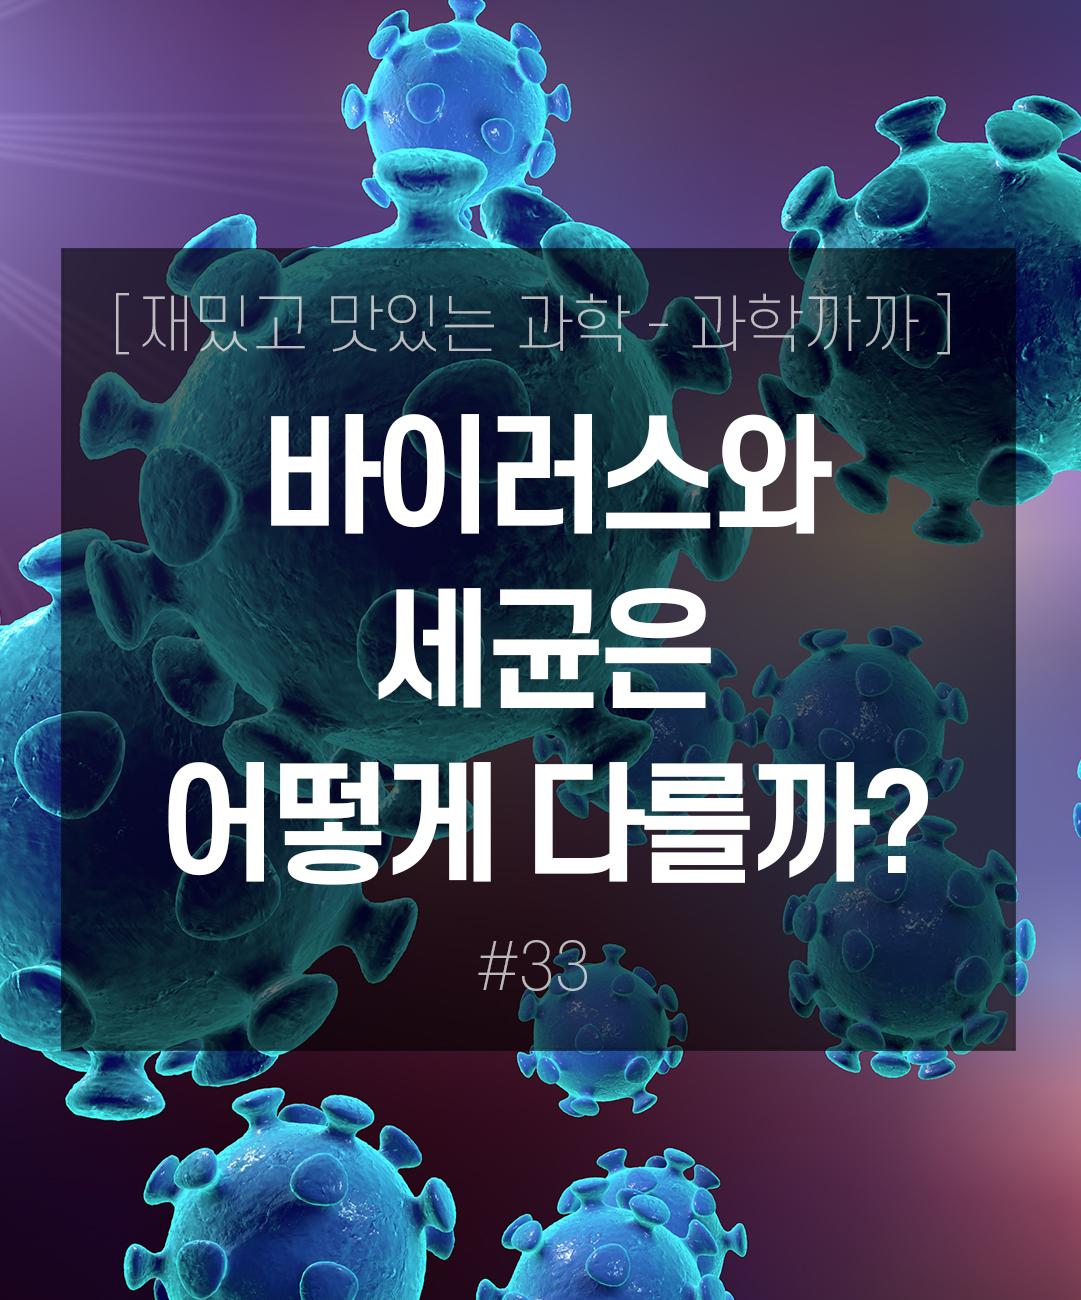 바이러스와 세균은 어떻게 다를까? 이미지